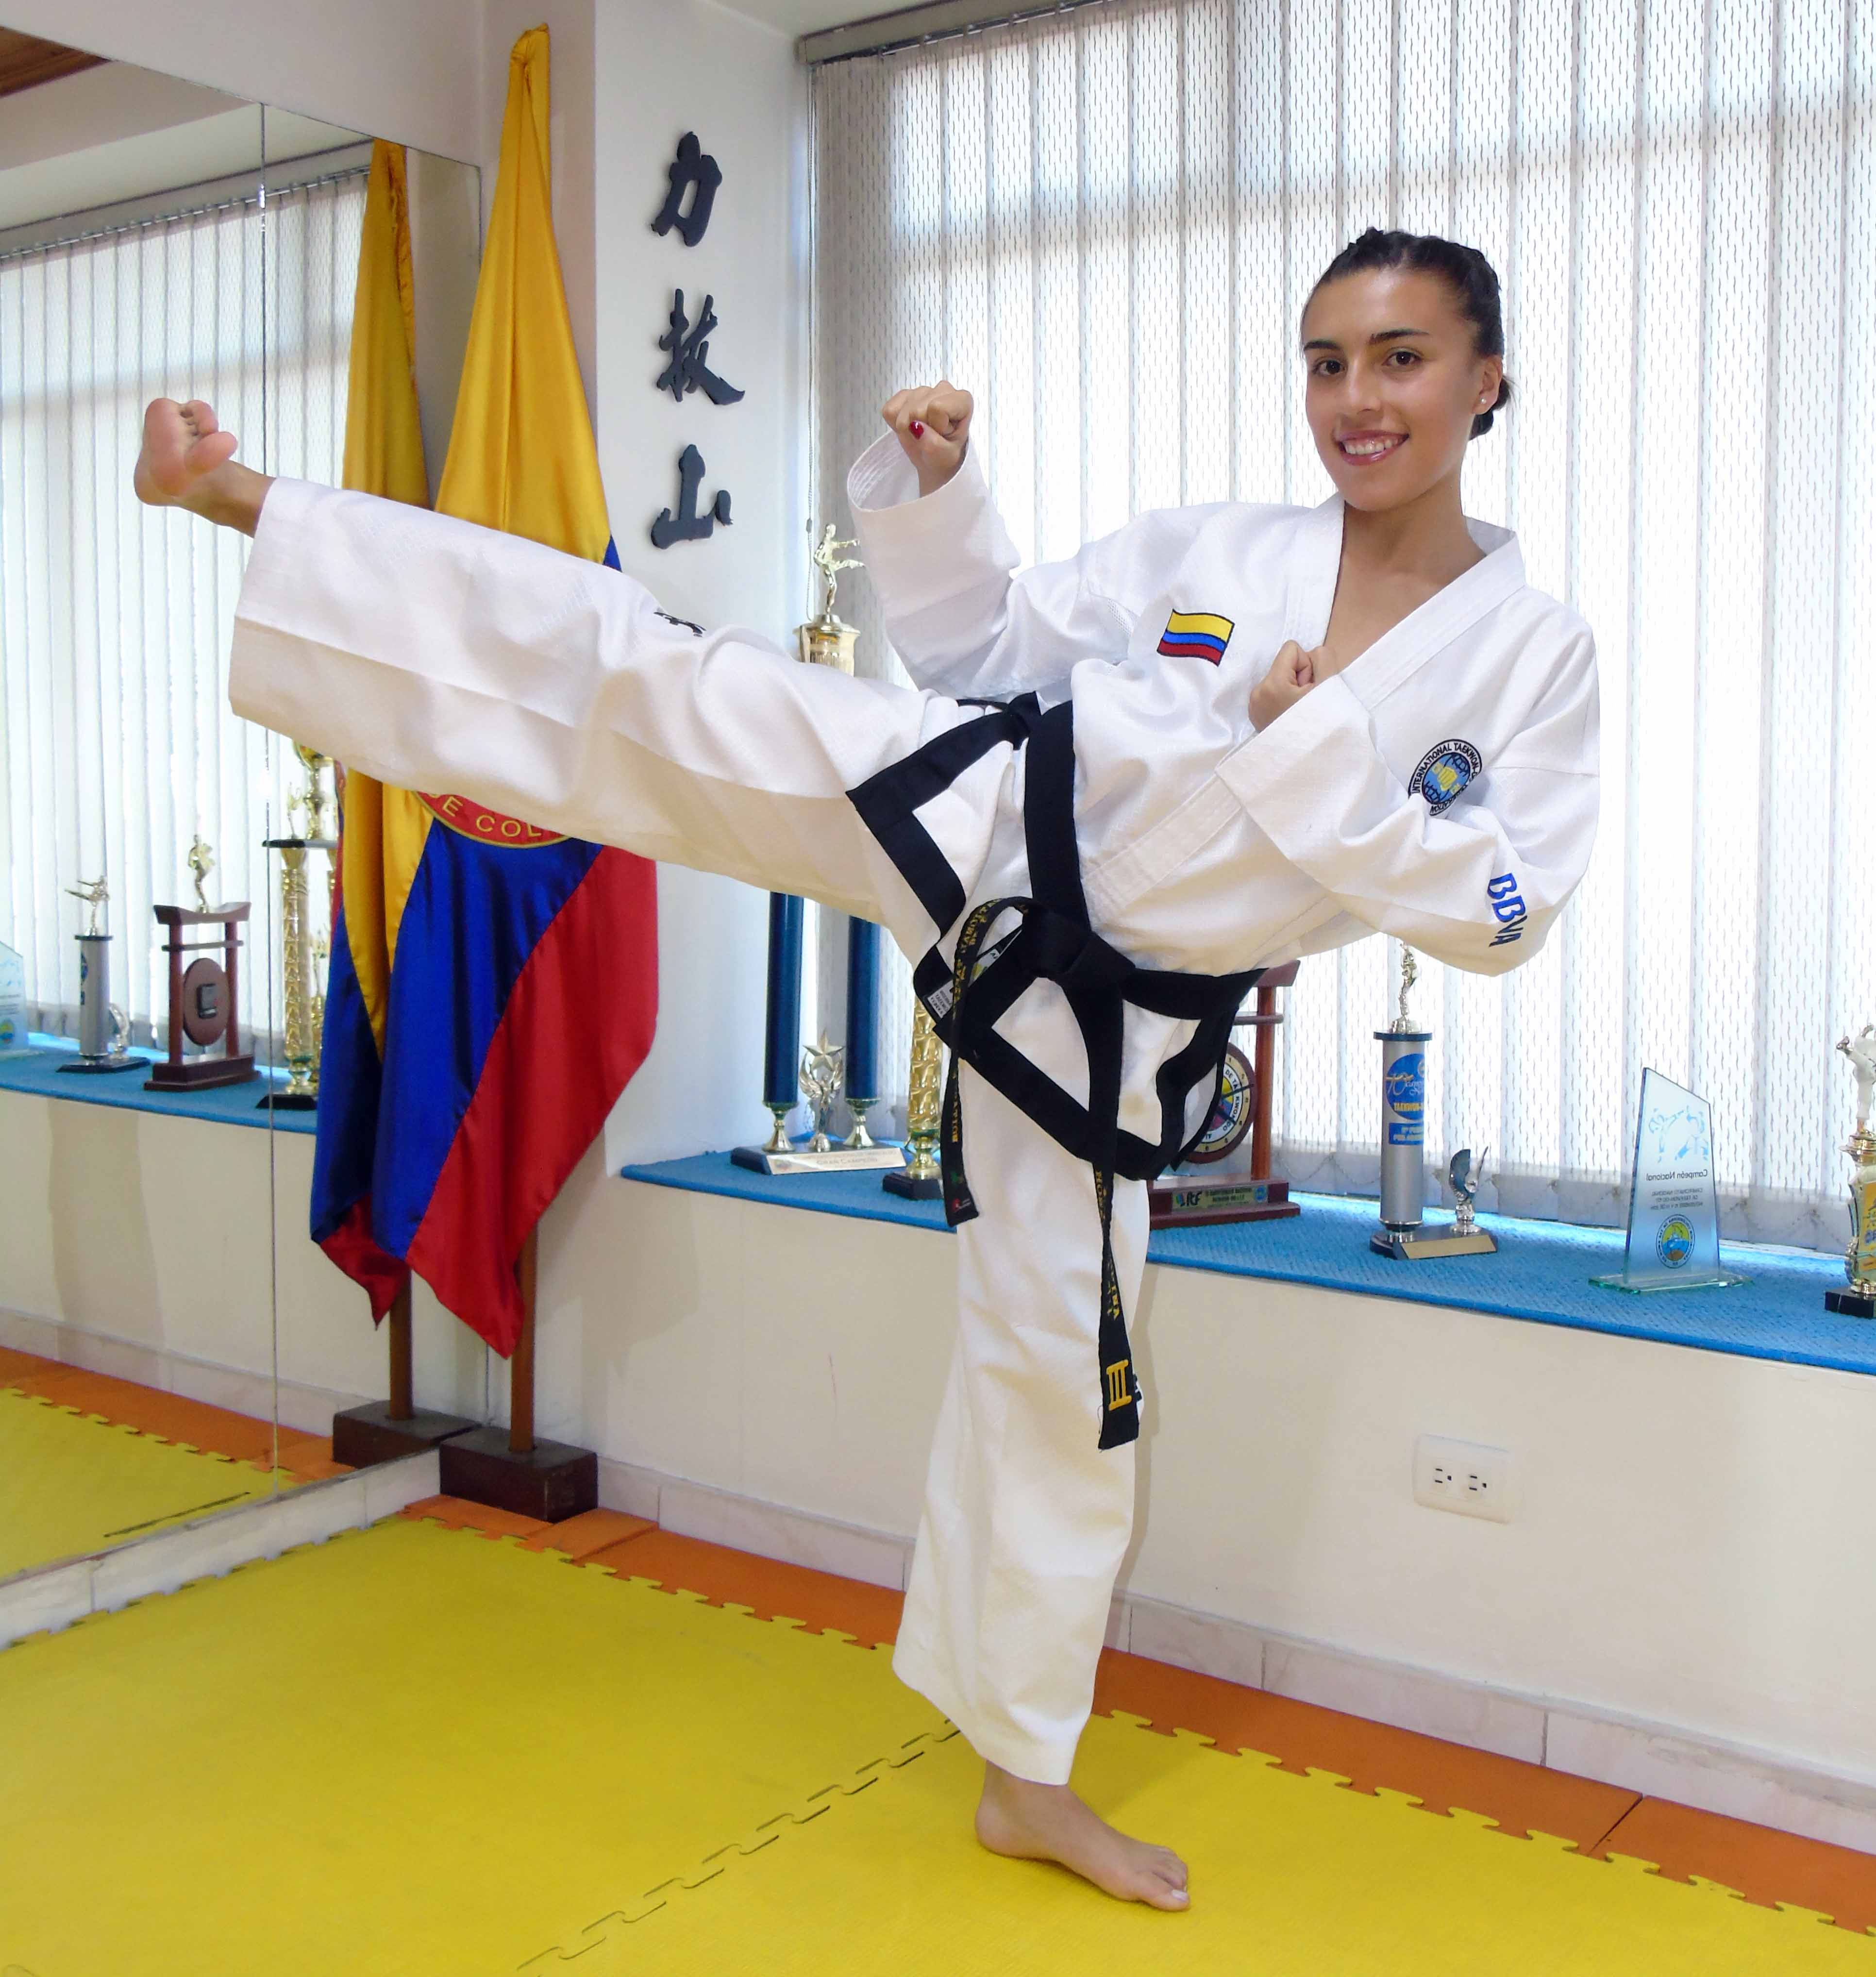 Fotografía de Honey Ospina, campeona mundial de taekwondo en figuras y medalla de oro en la pasada Copa Mightyfist de Buenos Aires